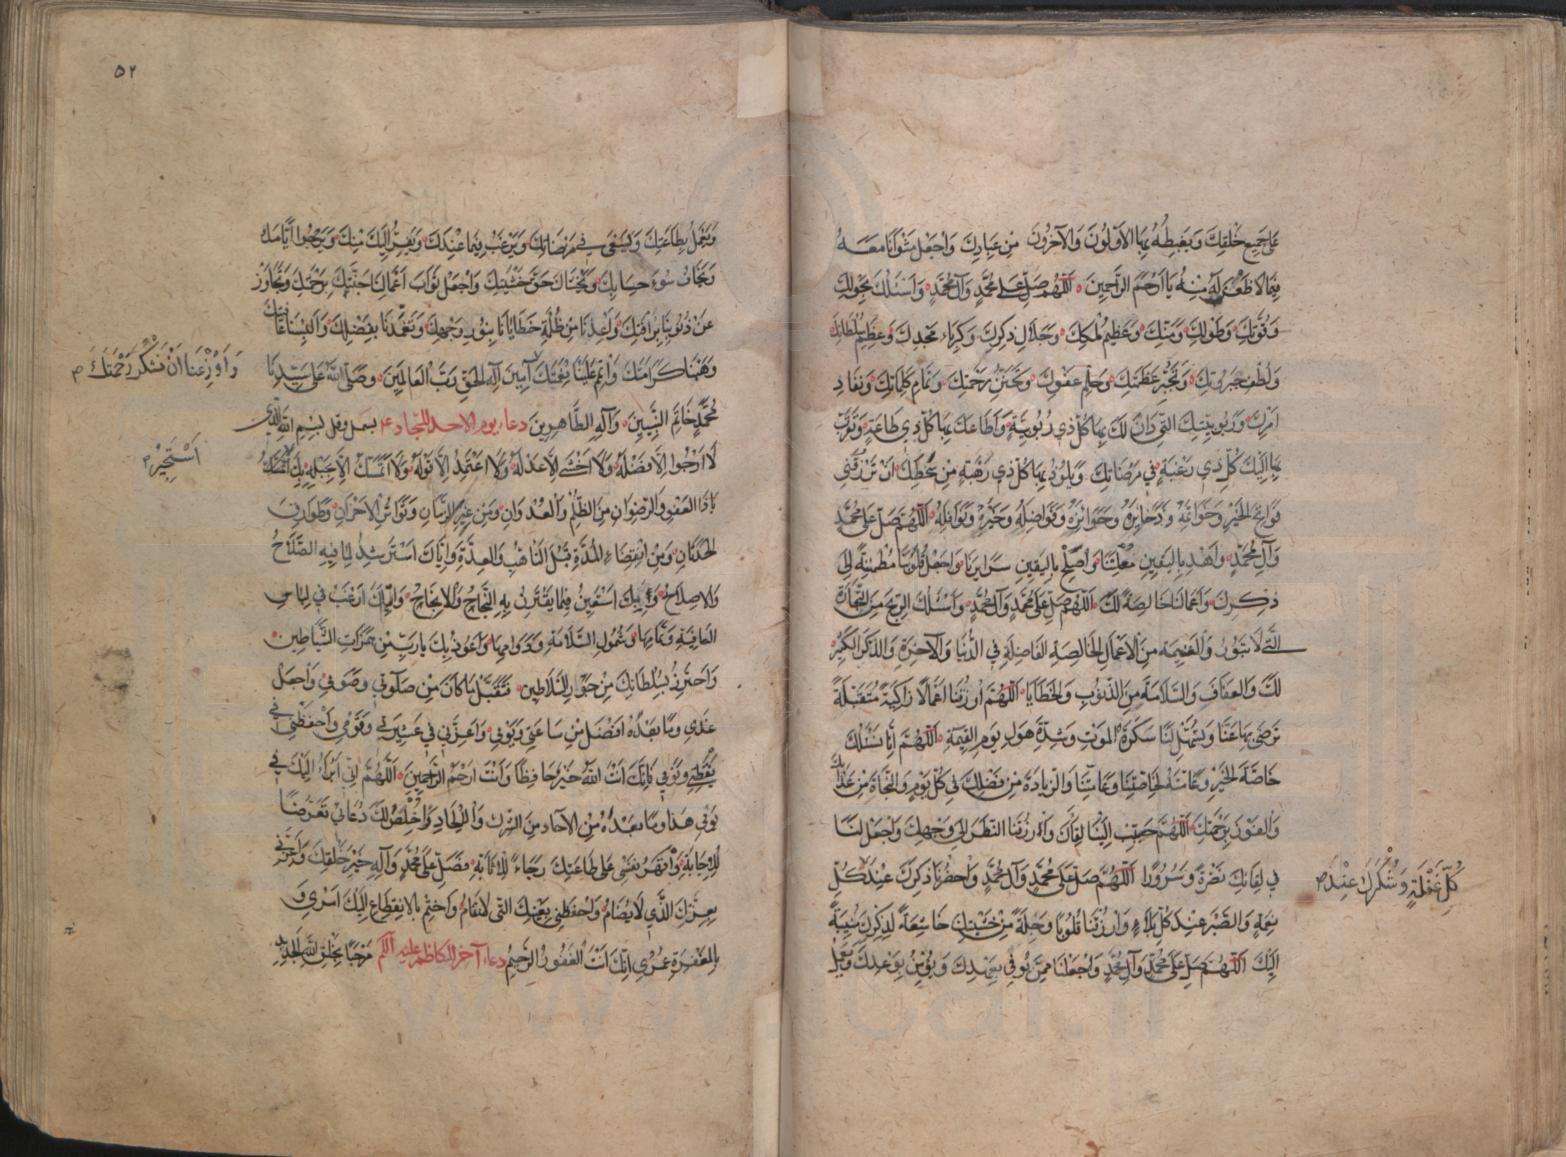 Pin On مخطوطات روحانية رهيبة ونادرة